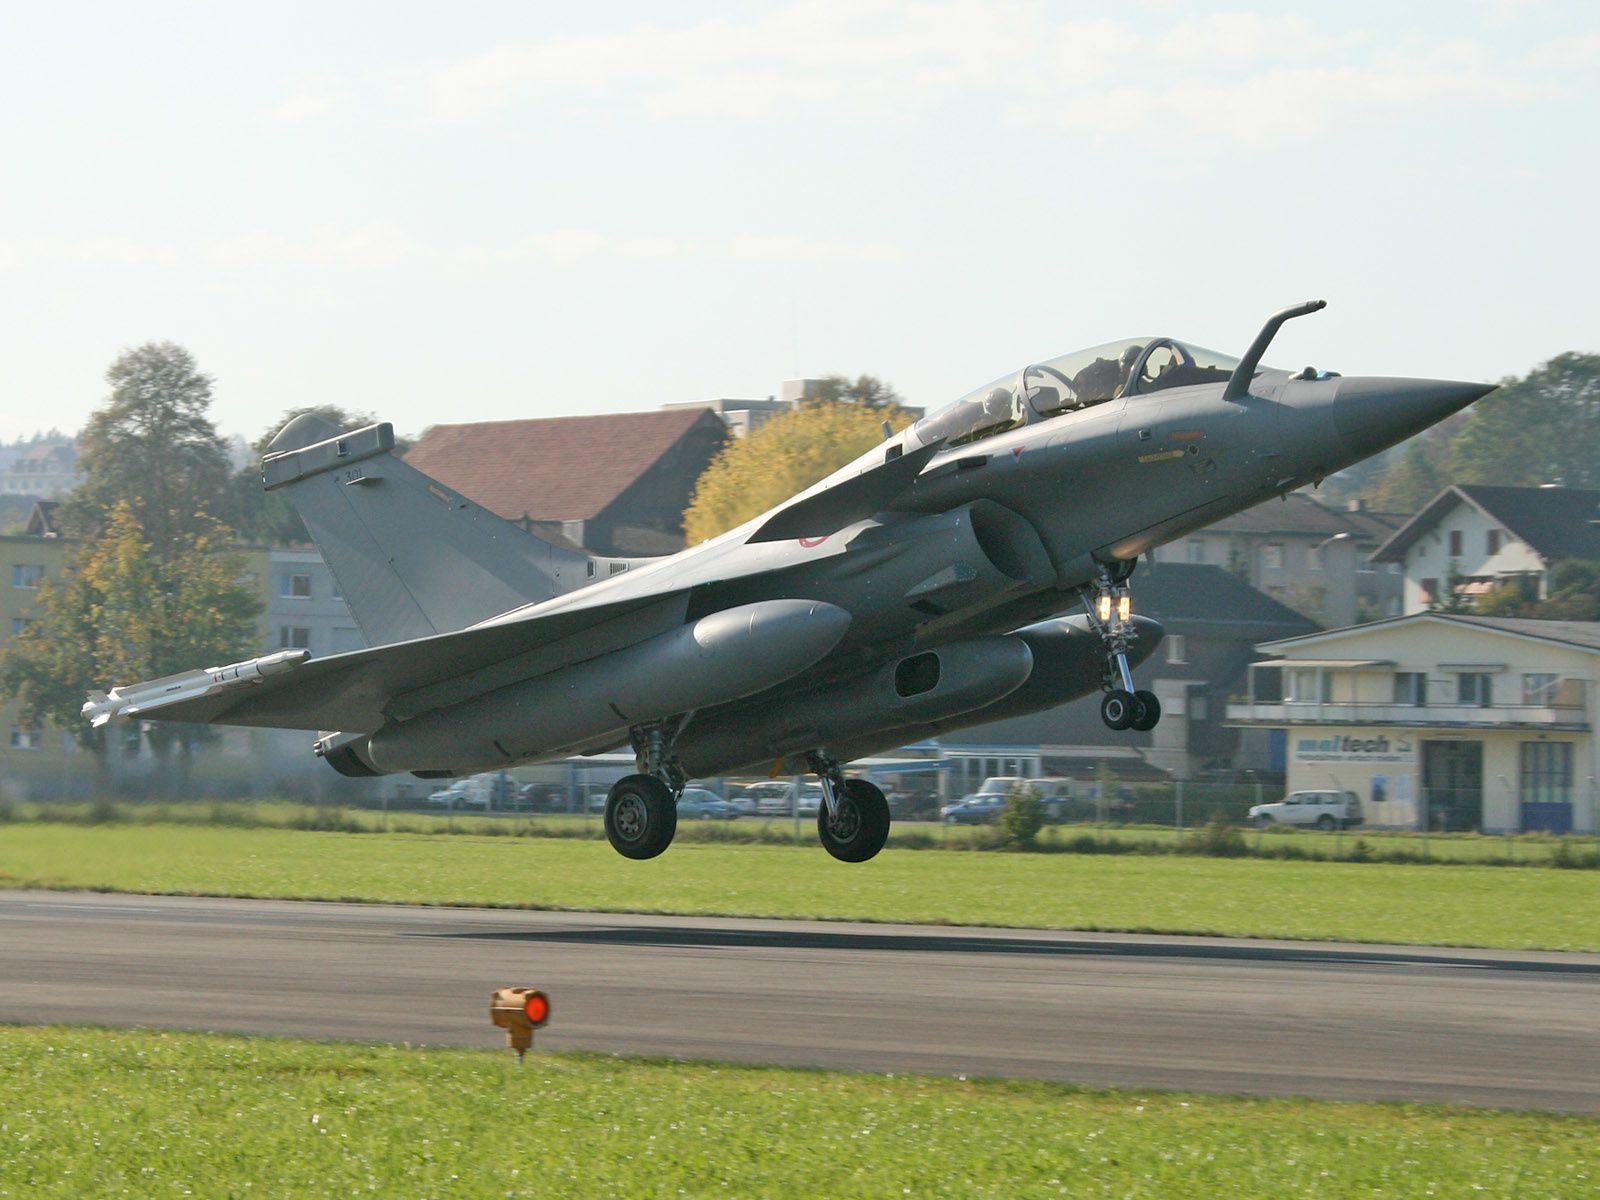 Rafale français au décollage sur l'aérodrome d'Emmen (© wikimédia)